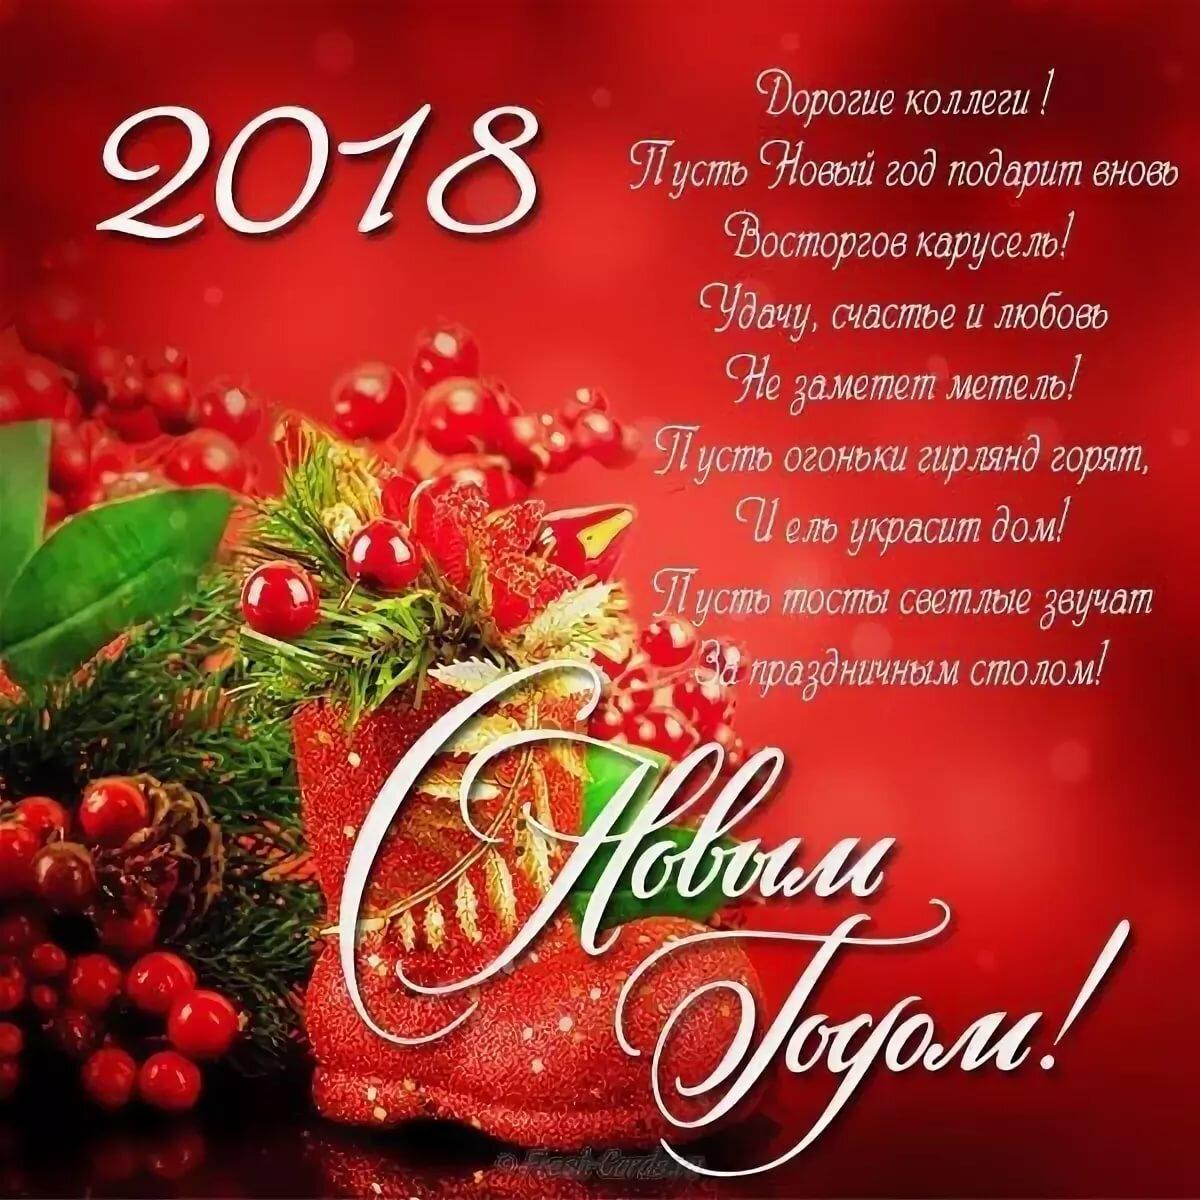 Поляна цветами, поздравление коллег с новым годом в открытке